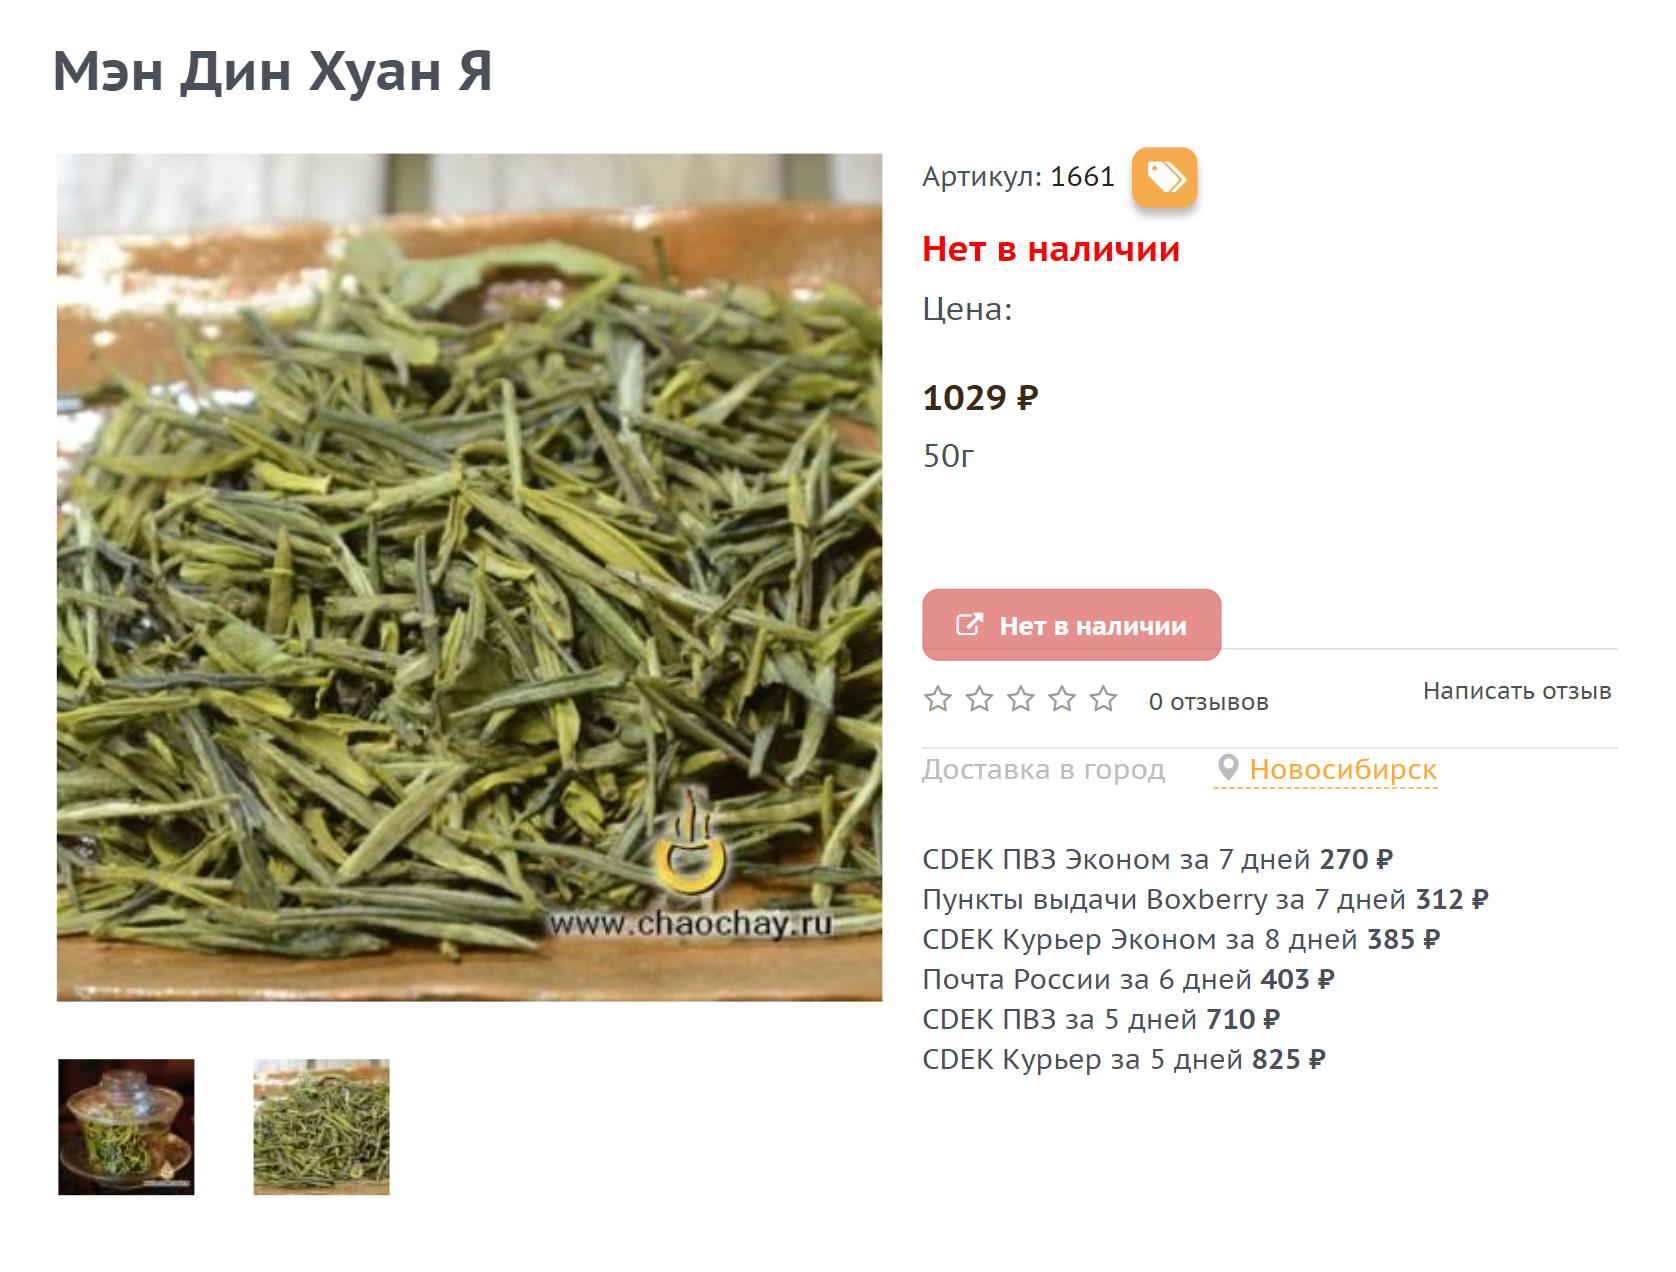 Это чай того&nbsp;же сорта, но в нем есть и листики. Предполагаю, что из-за этого 100&nbsp;г стоит 2058<span class=ruble>Р</span>. Но обычно на сайтах этого не различить. Источник: chaochay.ru